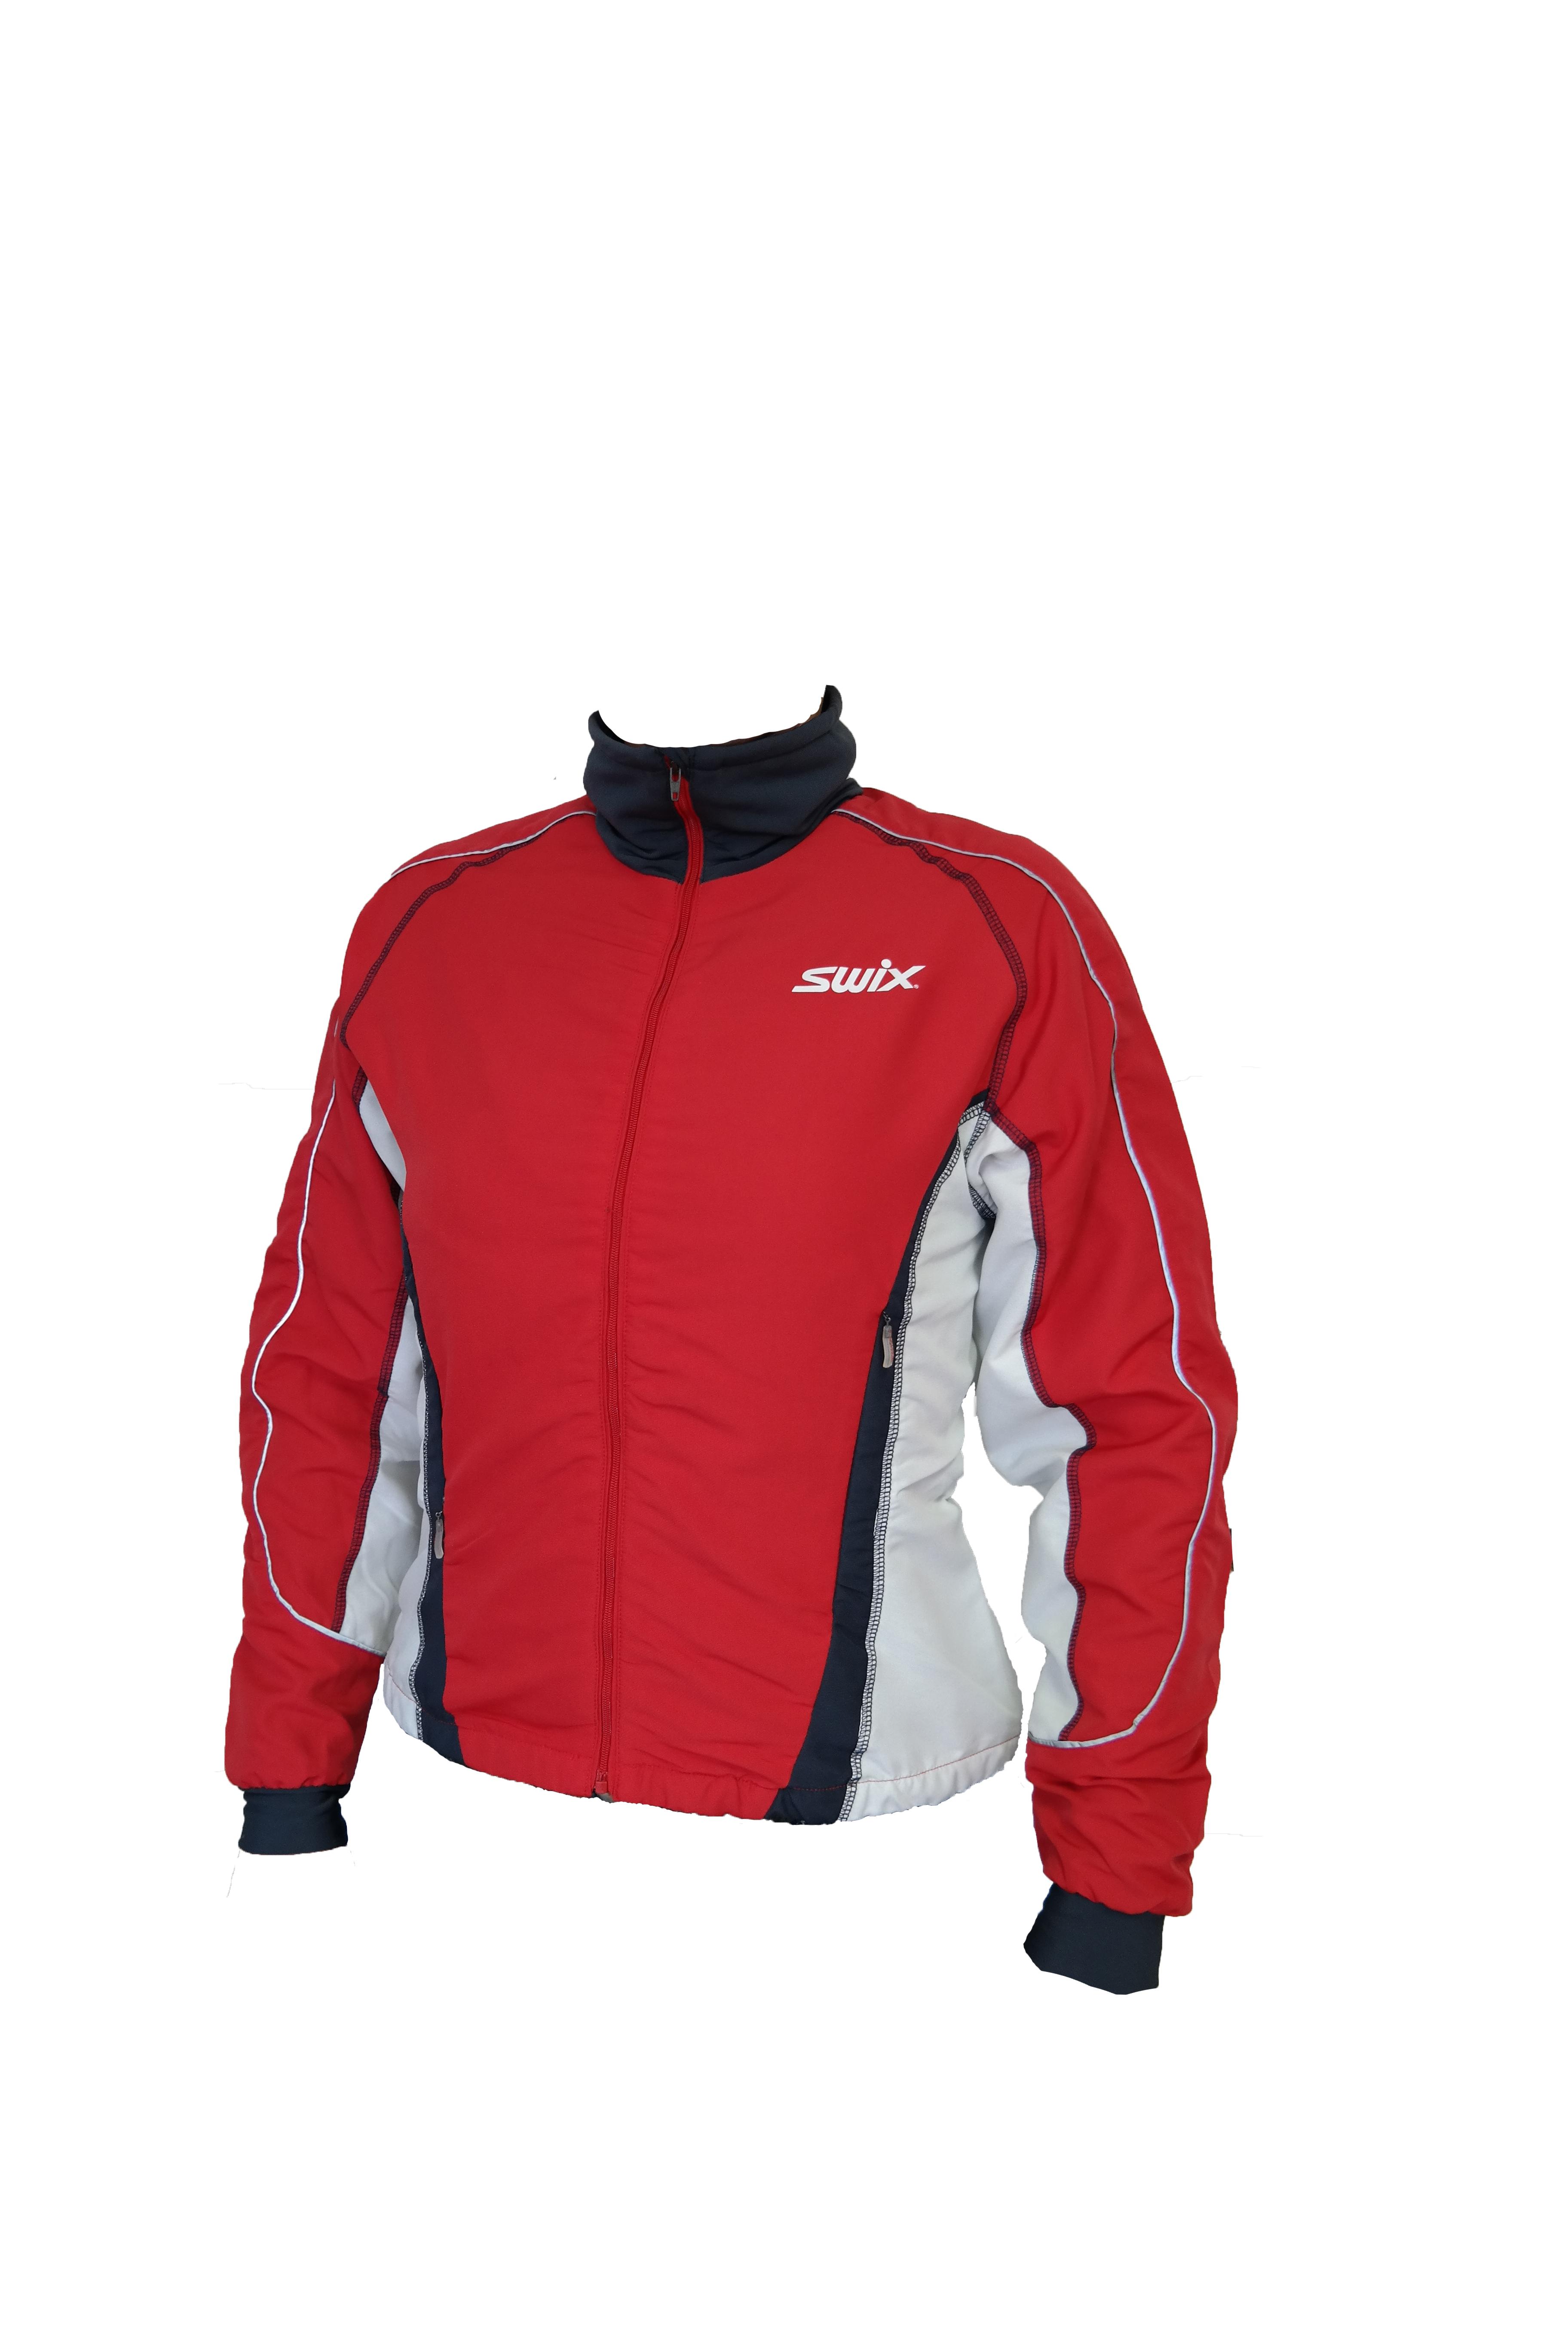 Dámská sportovní bunda SWIX Star Advanced red